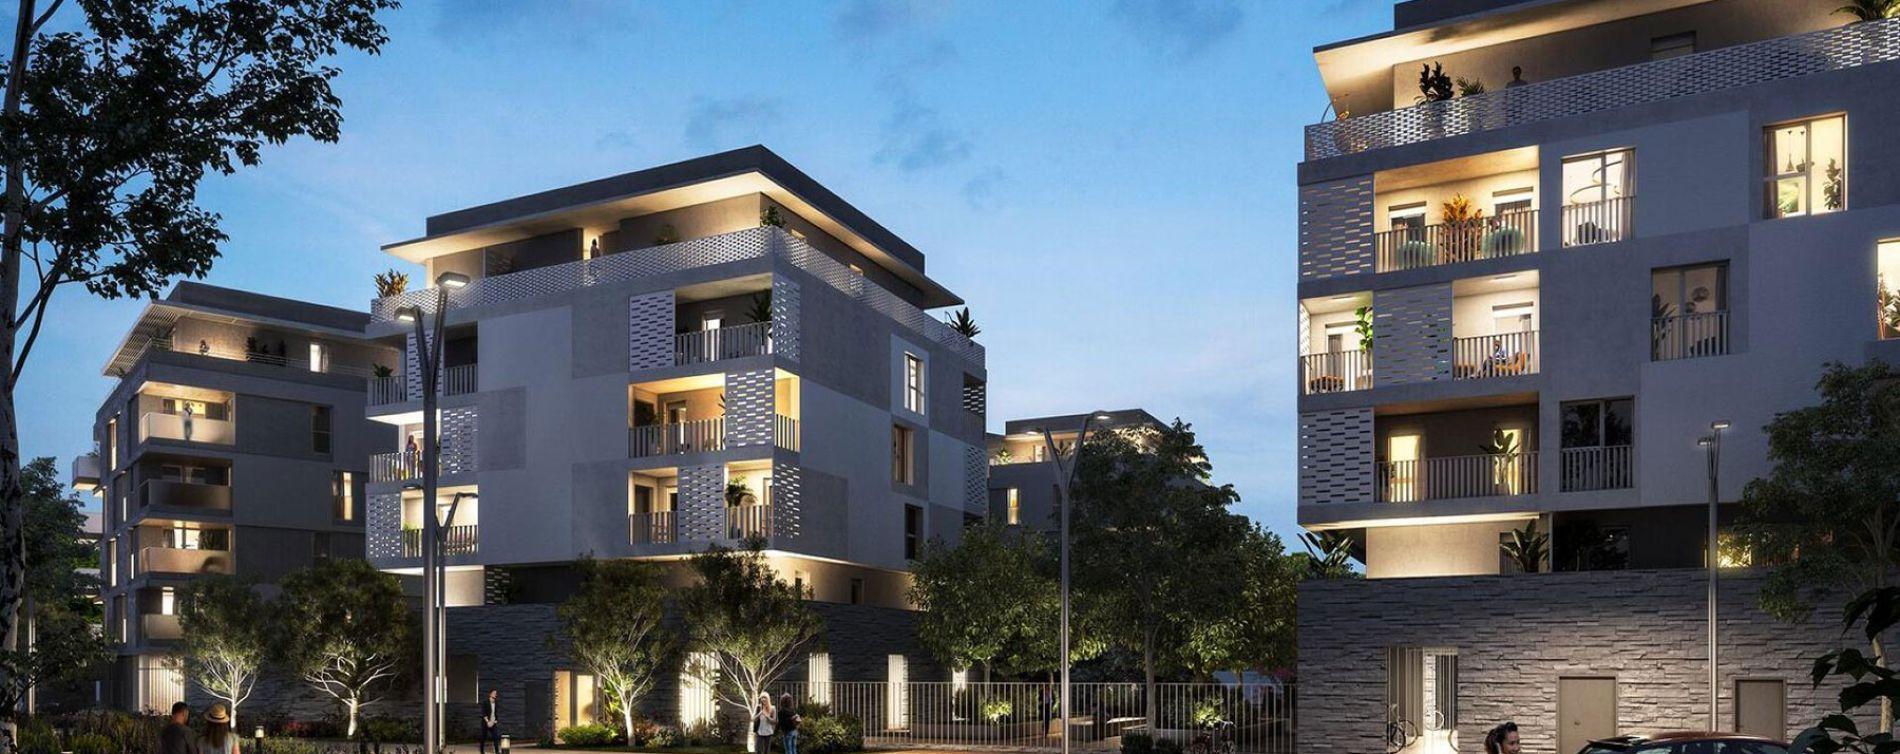 Castelnau-le-Lez : programme immobilier neuve « Programme immobilier n°218870 » en Loi Pinel (4)